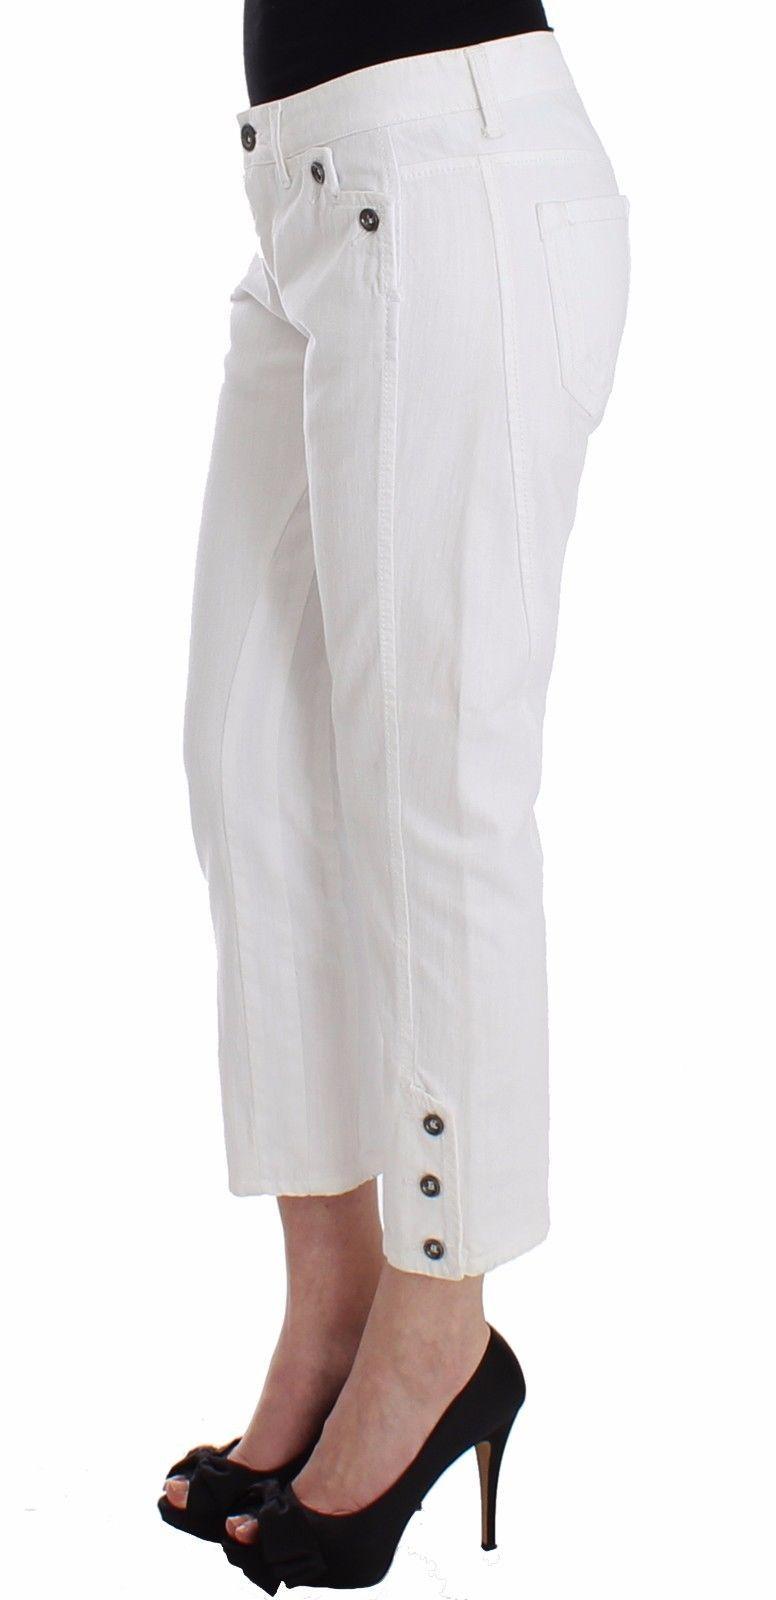 Ermanno Scervino White Cropped Jeans Denim Pants Branded Capri